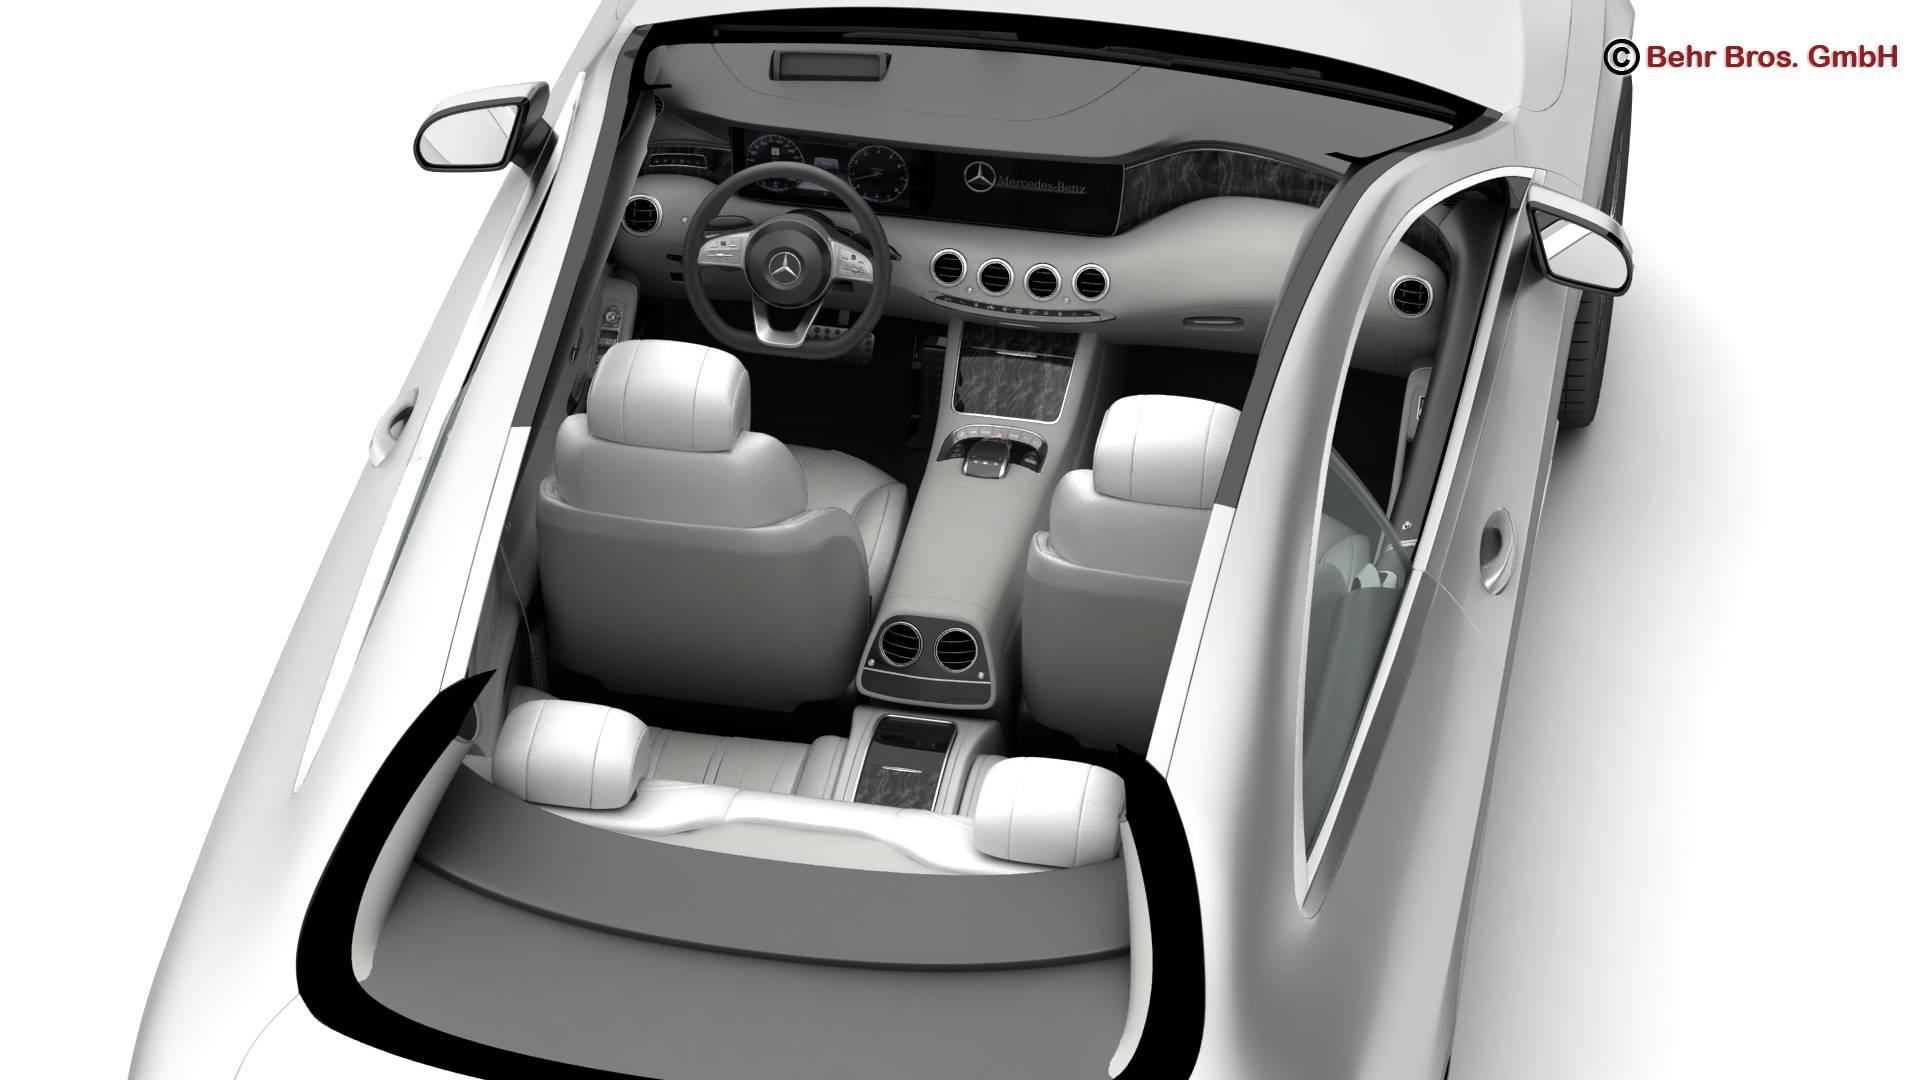 mercedes s class coupe amg line 2018 3d model 3ds max fbx c4d lwo ma mb obj 275670